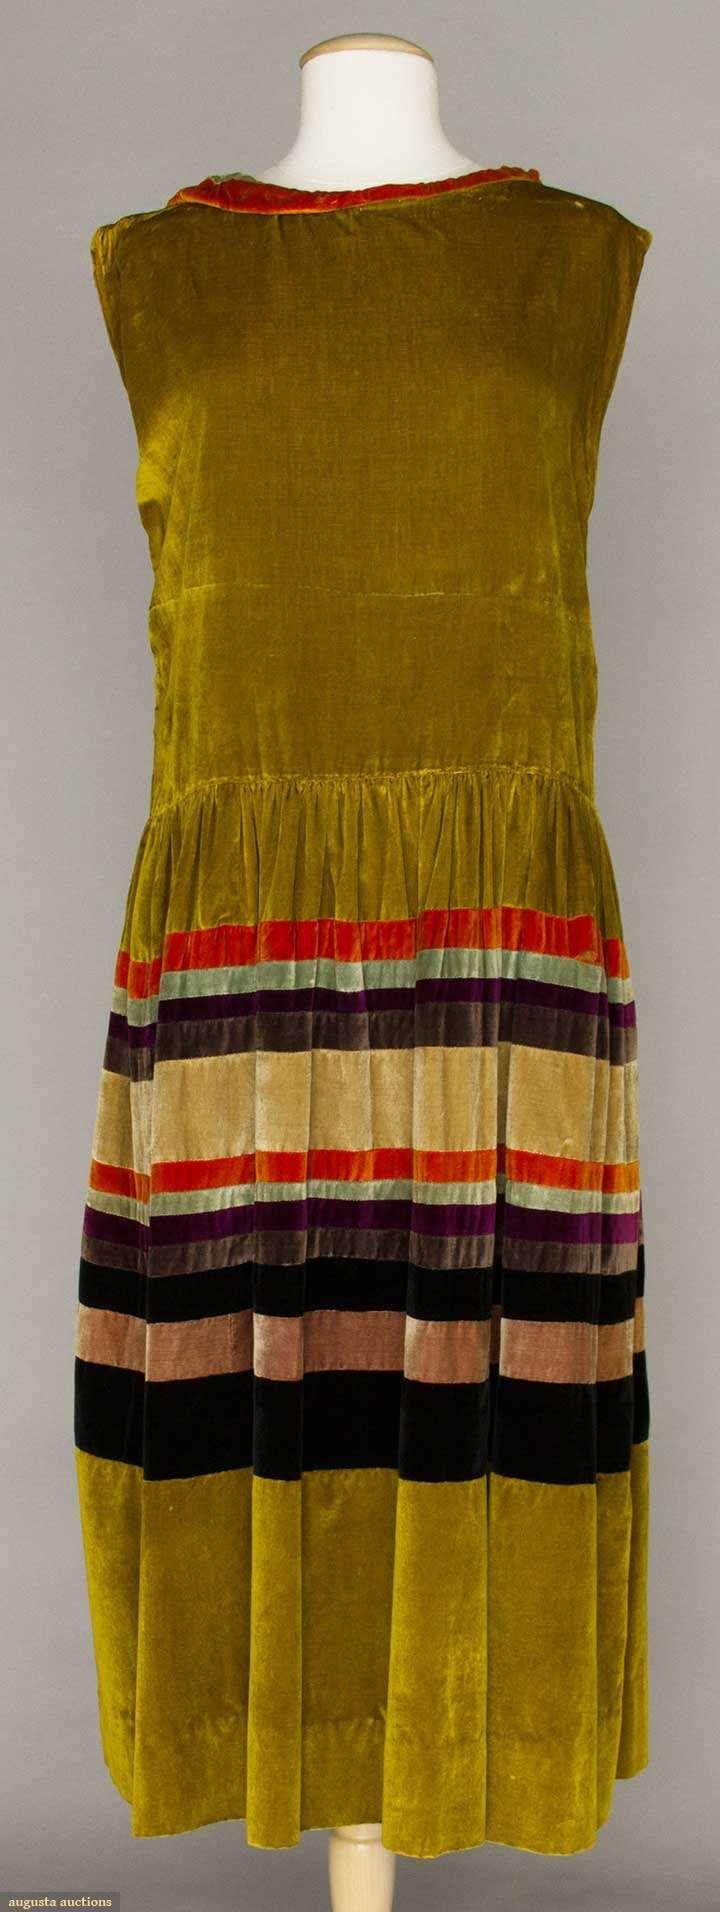 1920s MARGARETE NEUMANN VELVET DRESS, GERMANY.